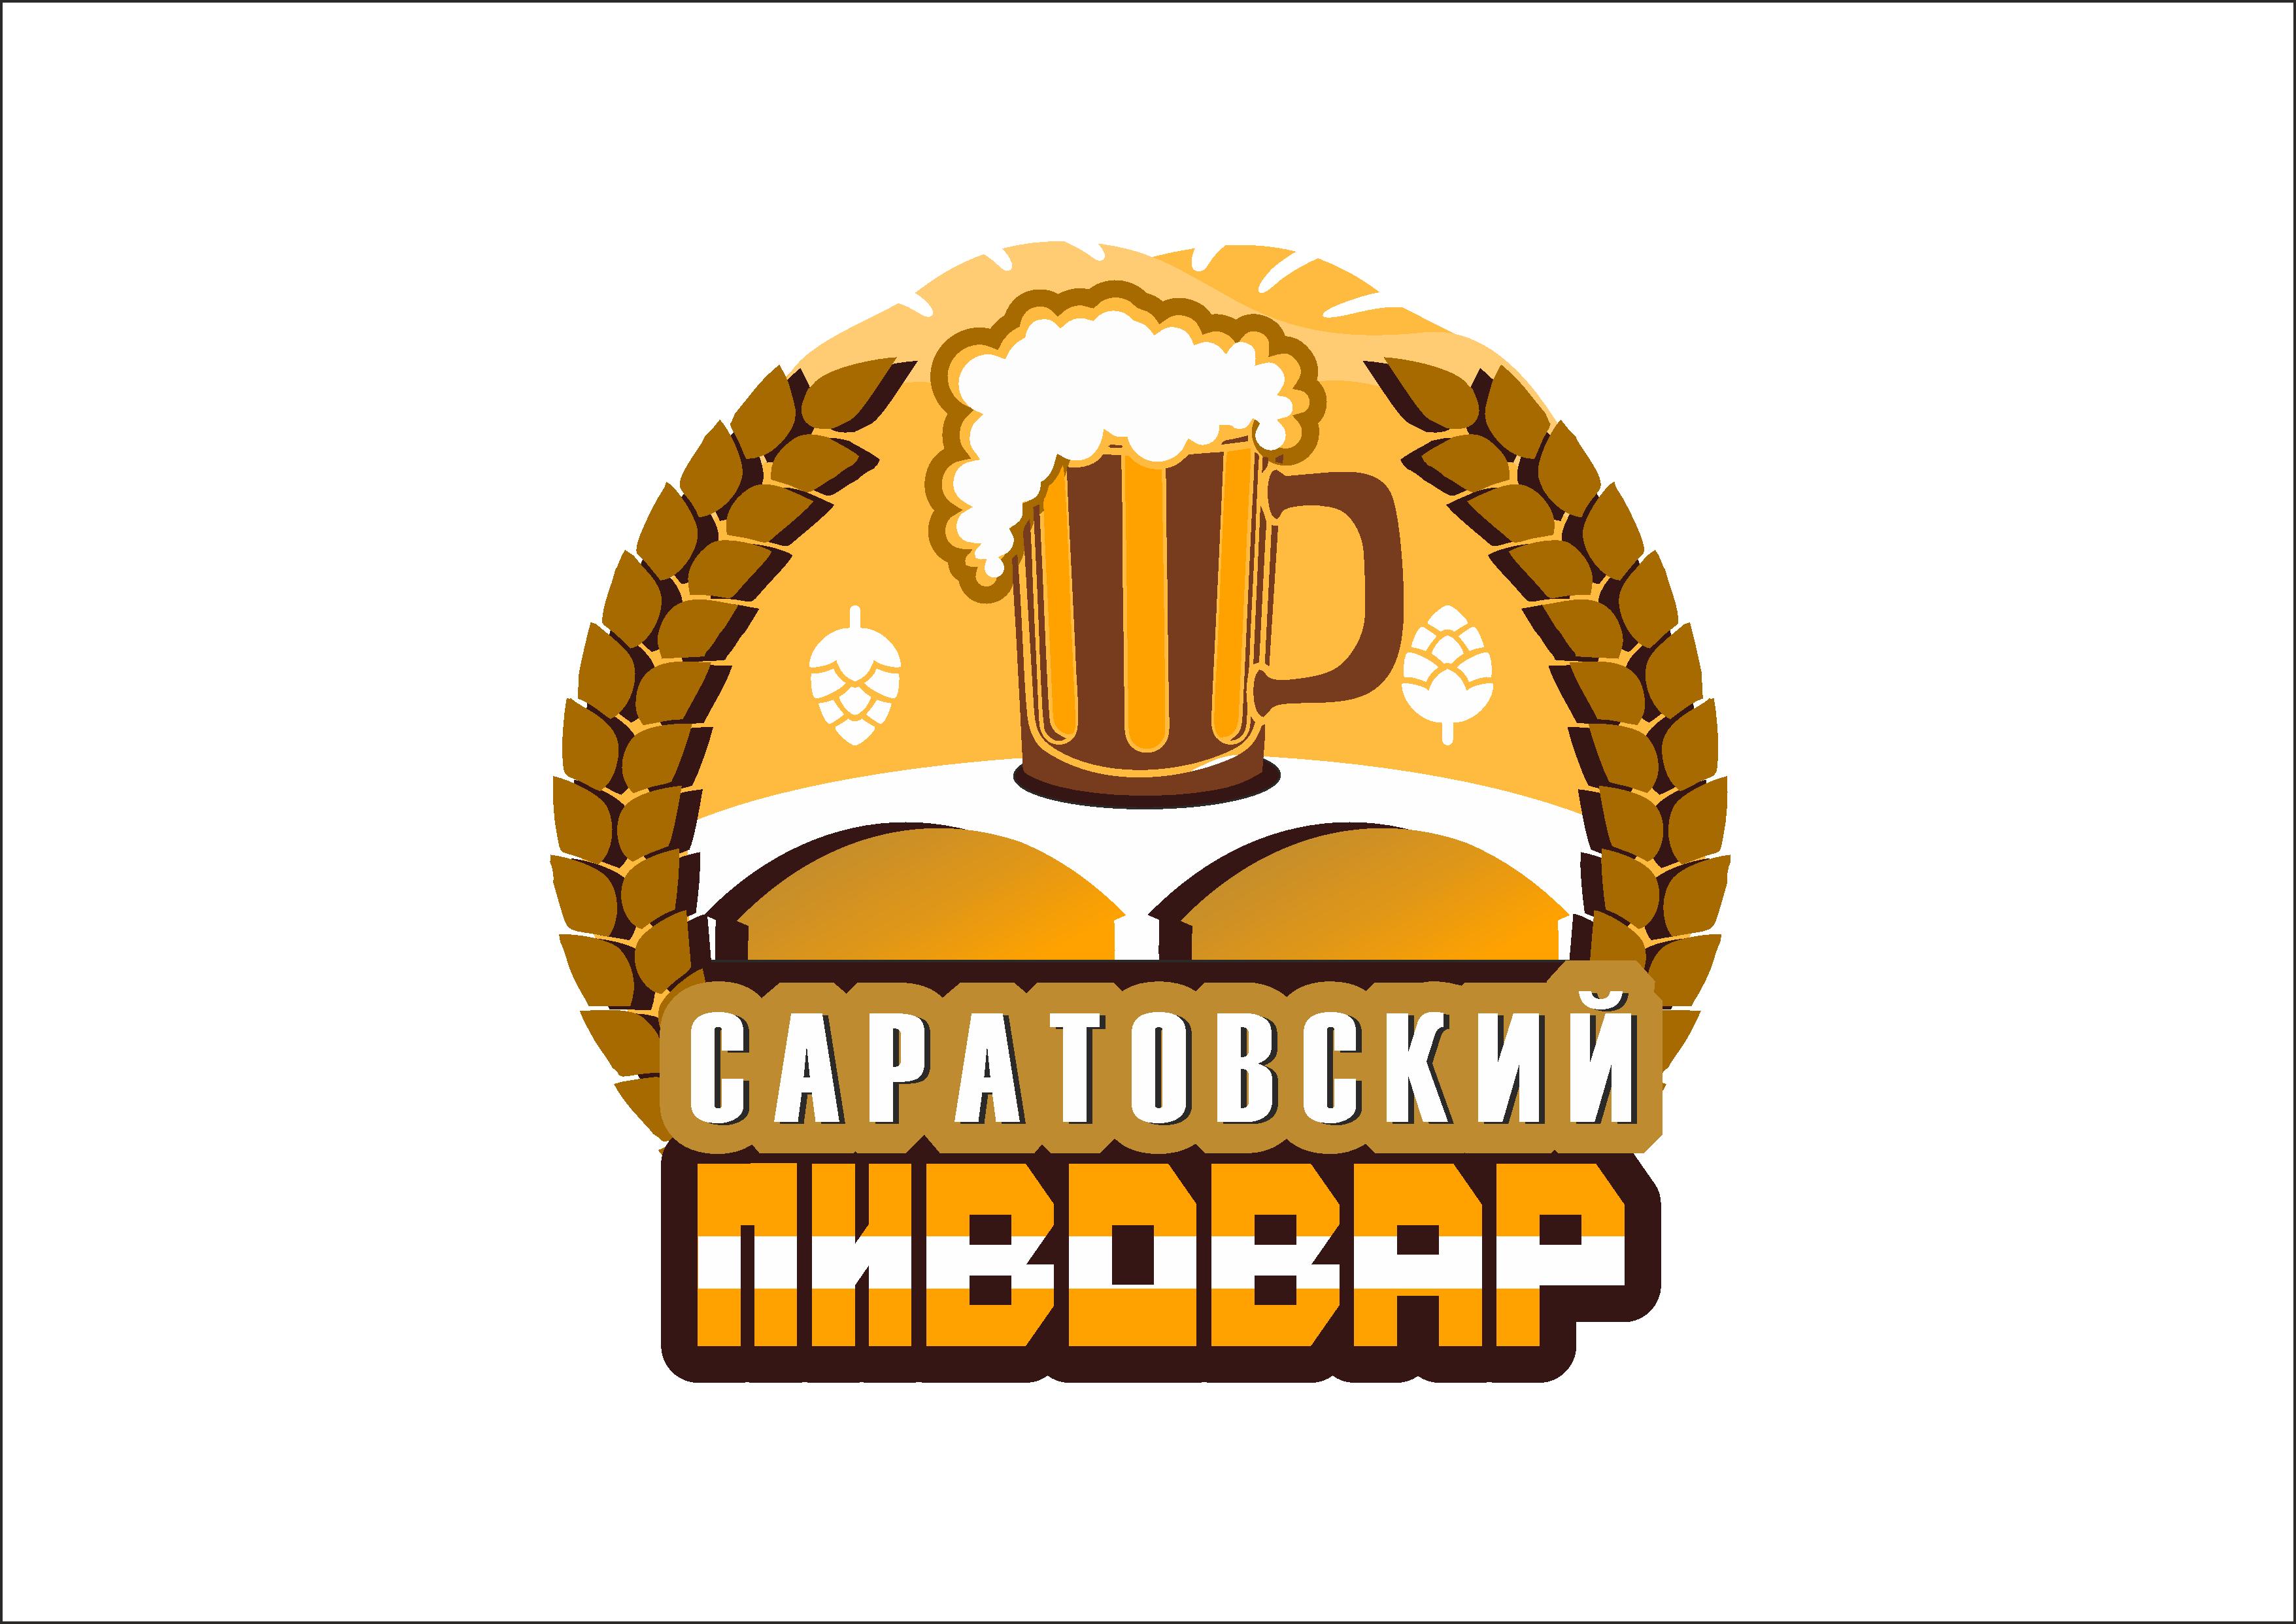 Разработка логотипа для частной пивоварни фото f_9445d7783d4ebacc.png